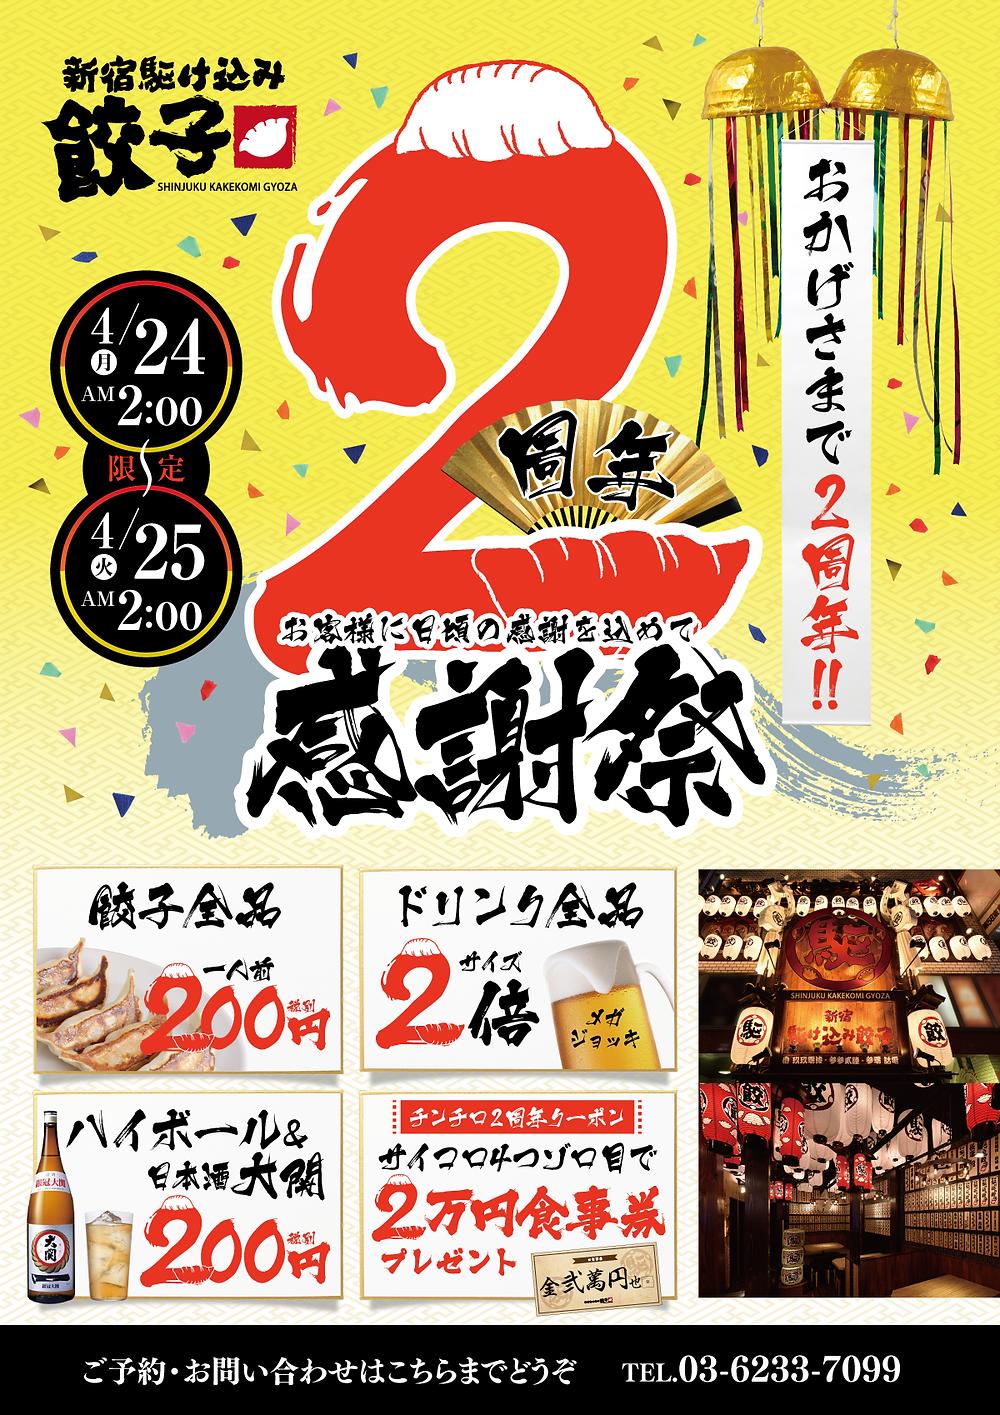 新宿駆け込み餃子・2周年感謝祭!